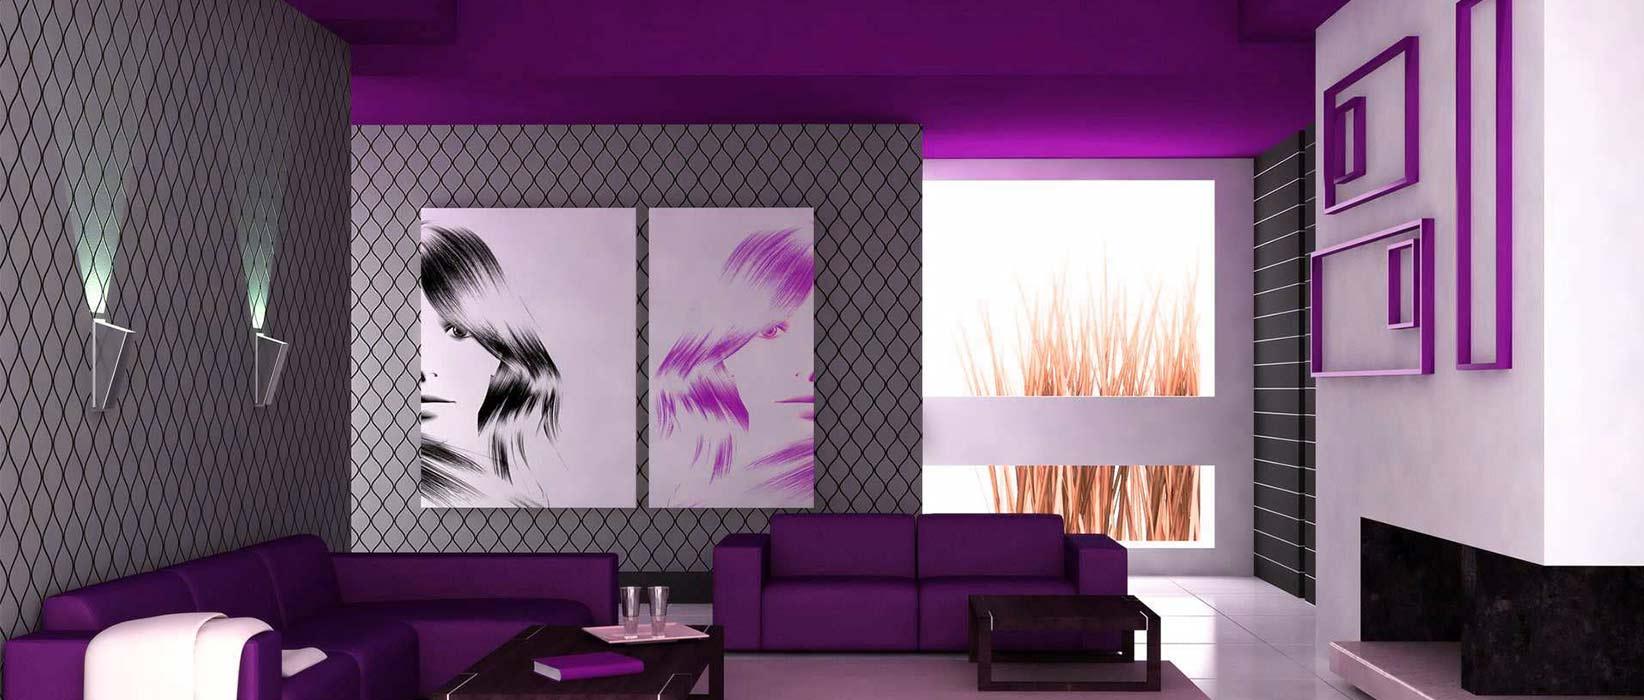 رنگ در طراحی داخلی ساده